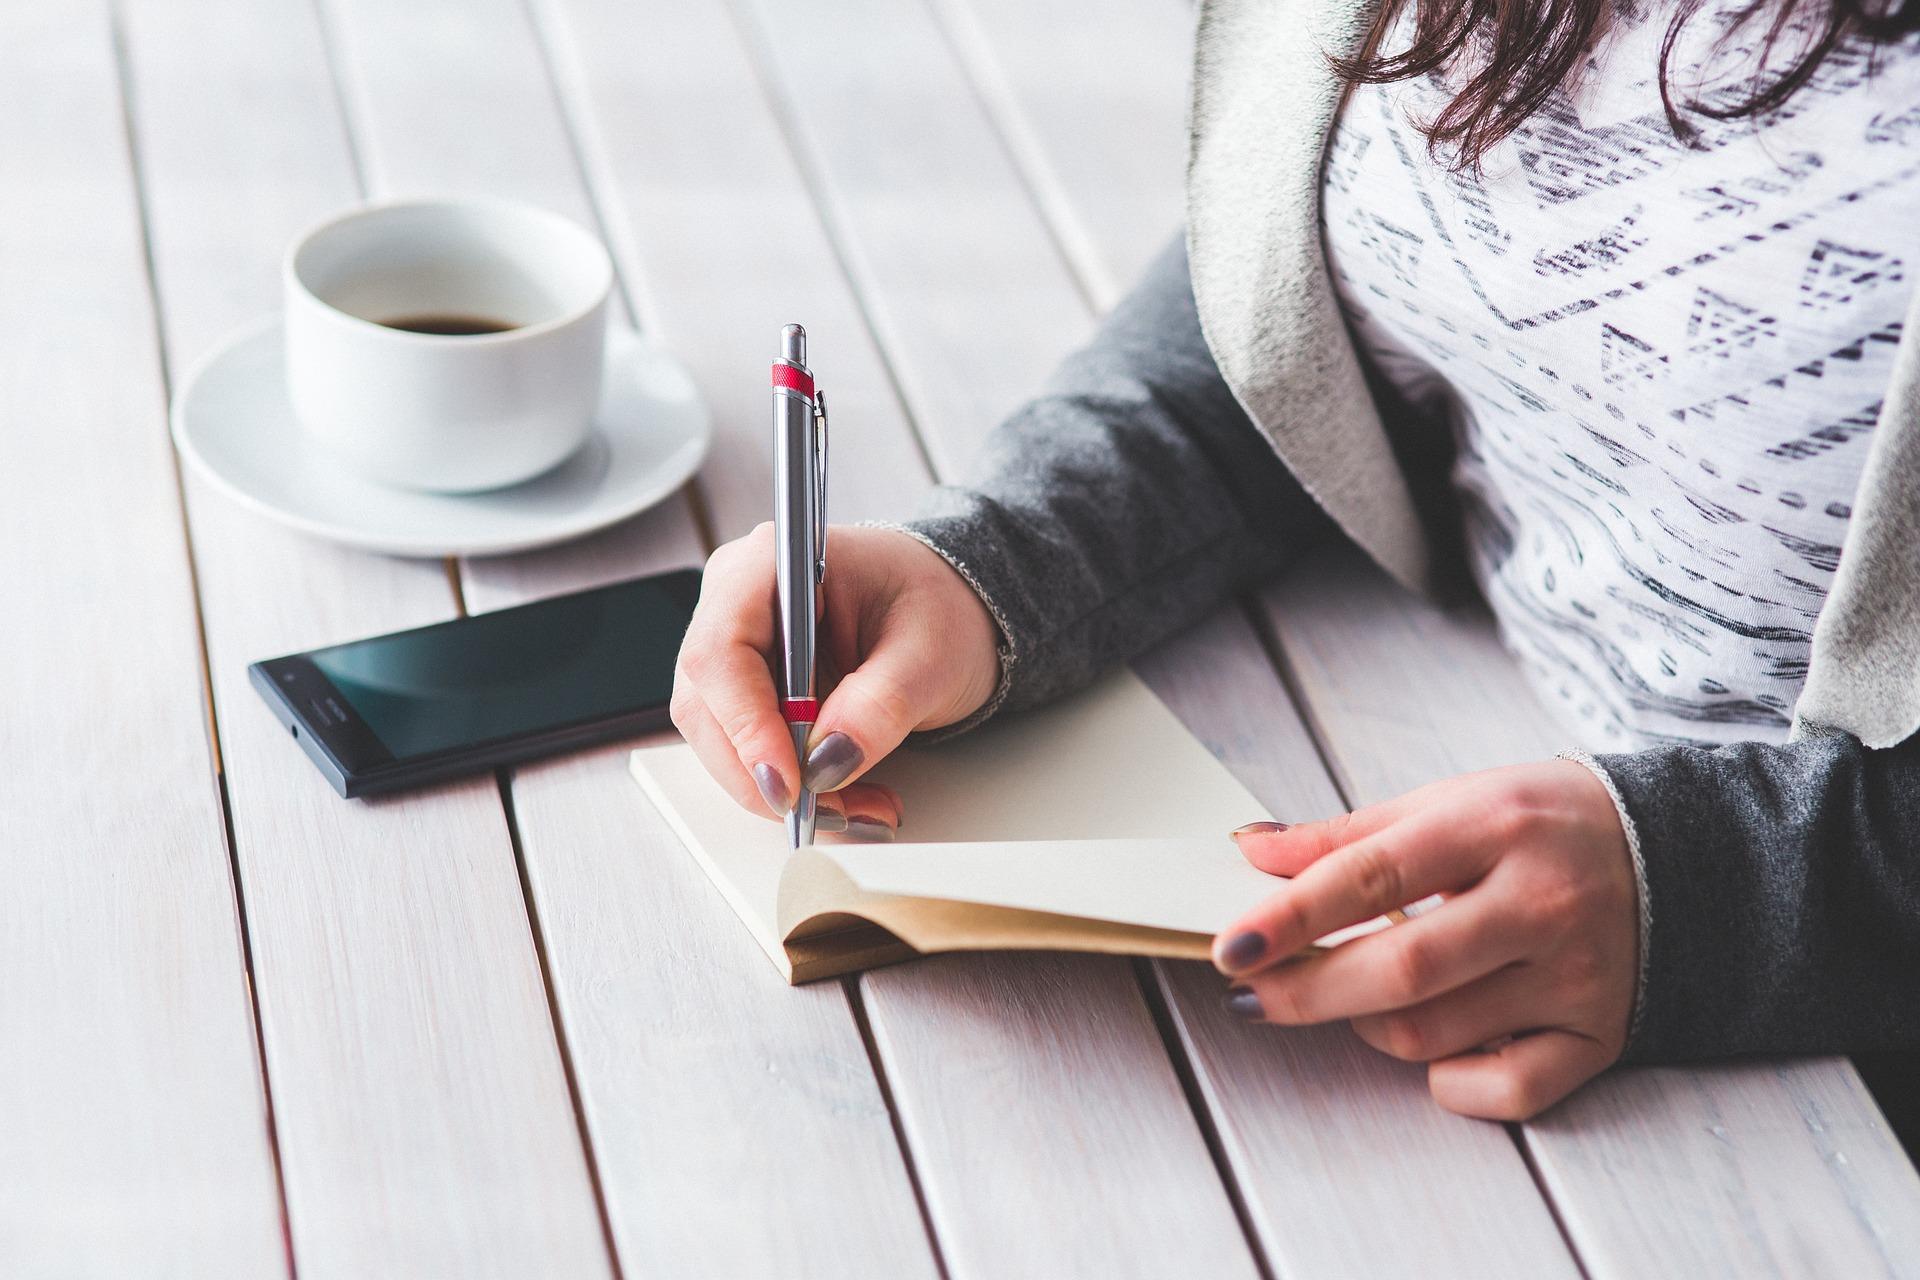 tenir un journal et écrire une habitude quotidienne